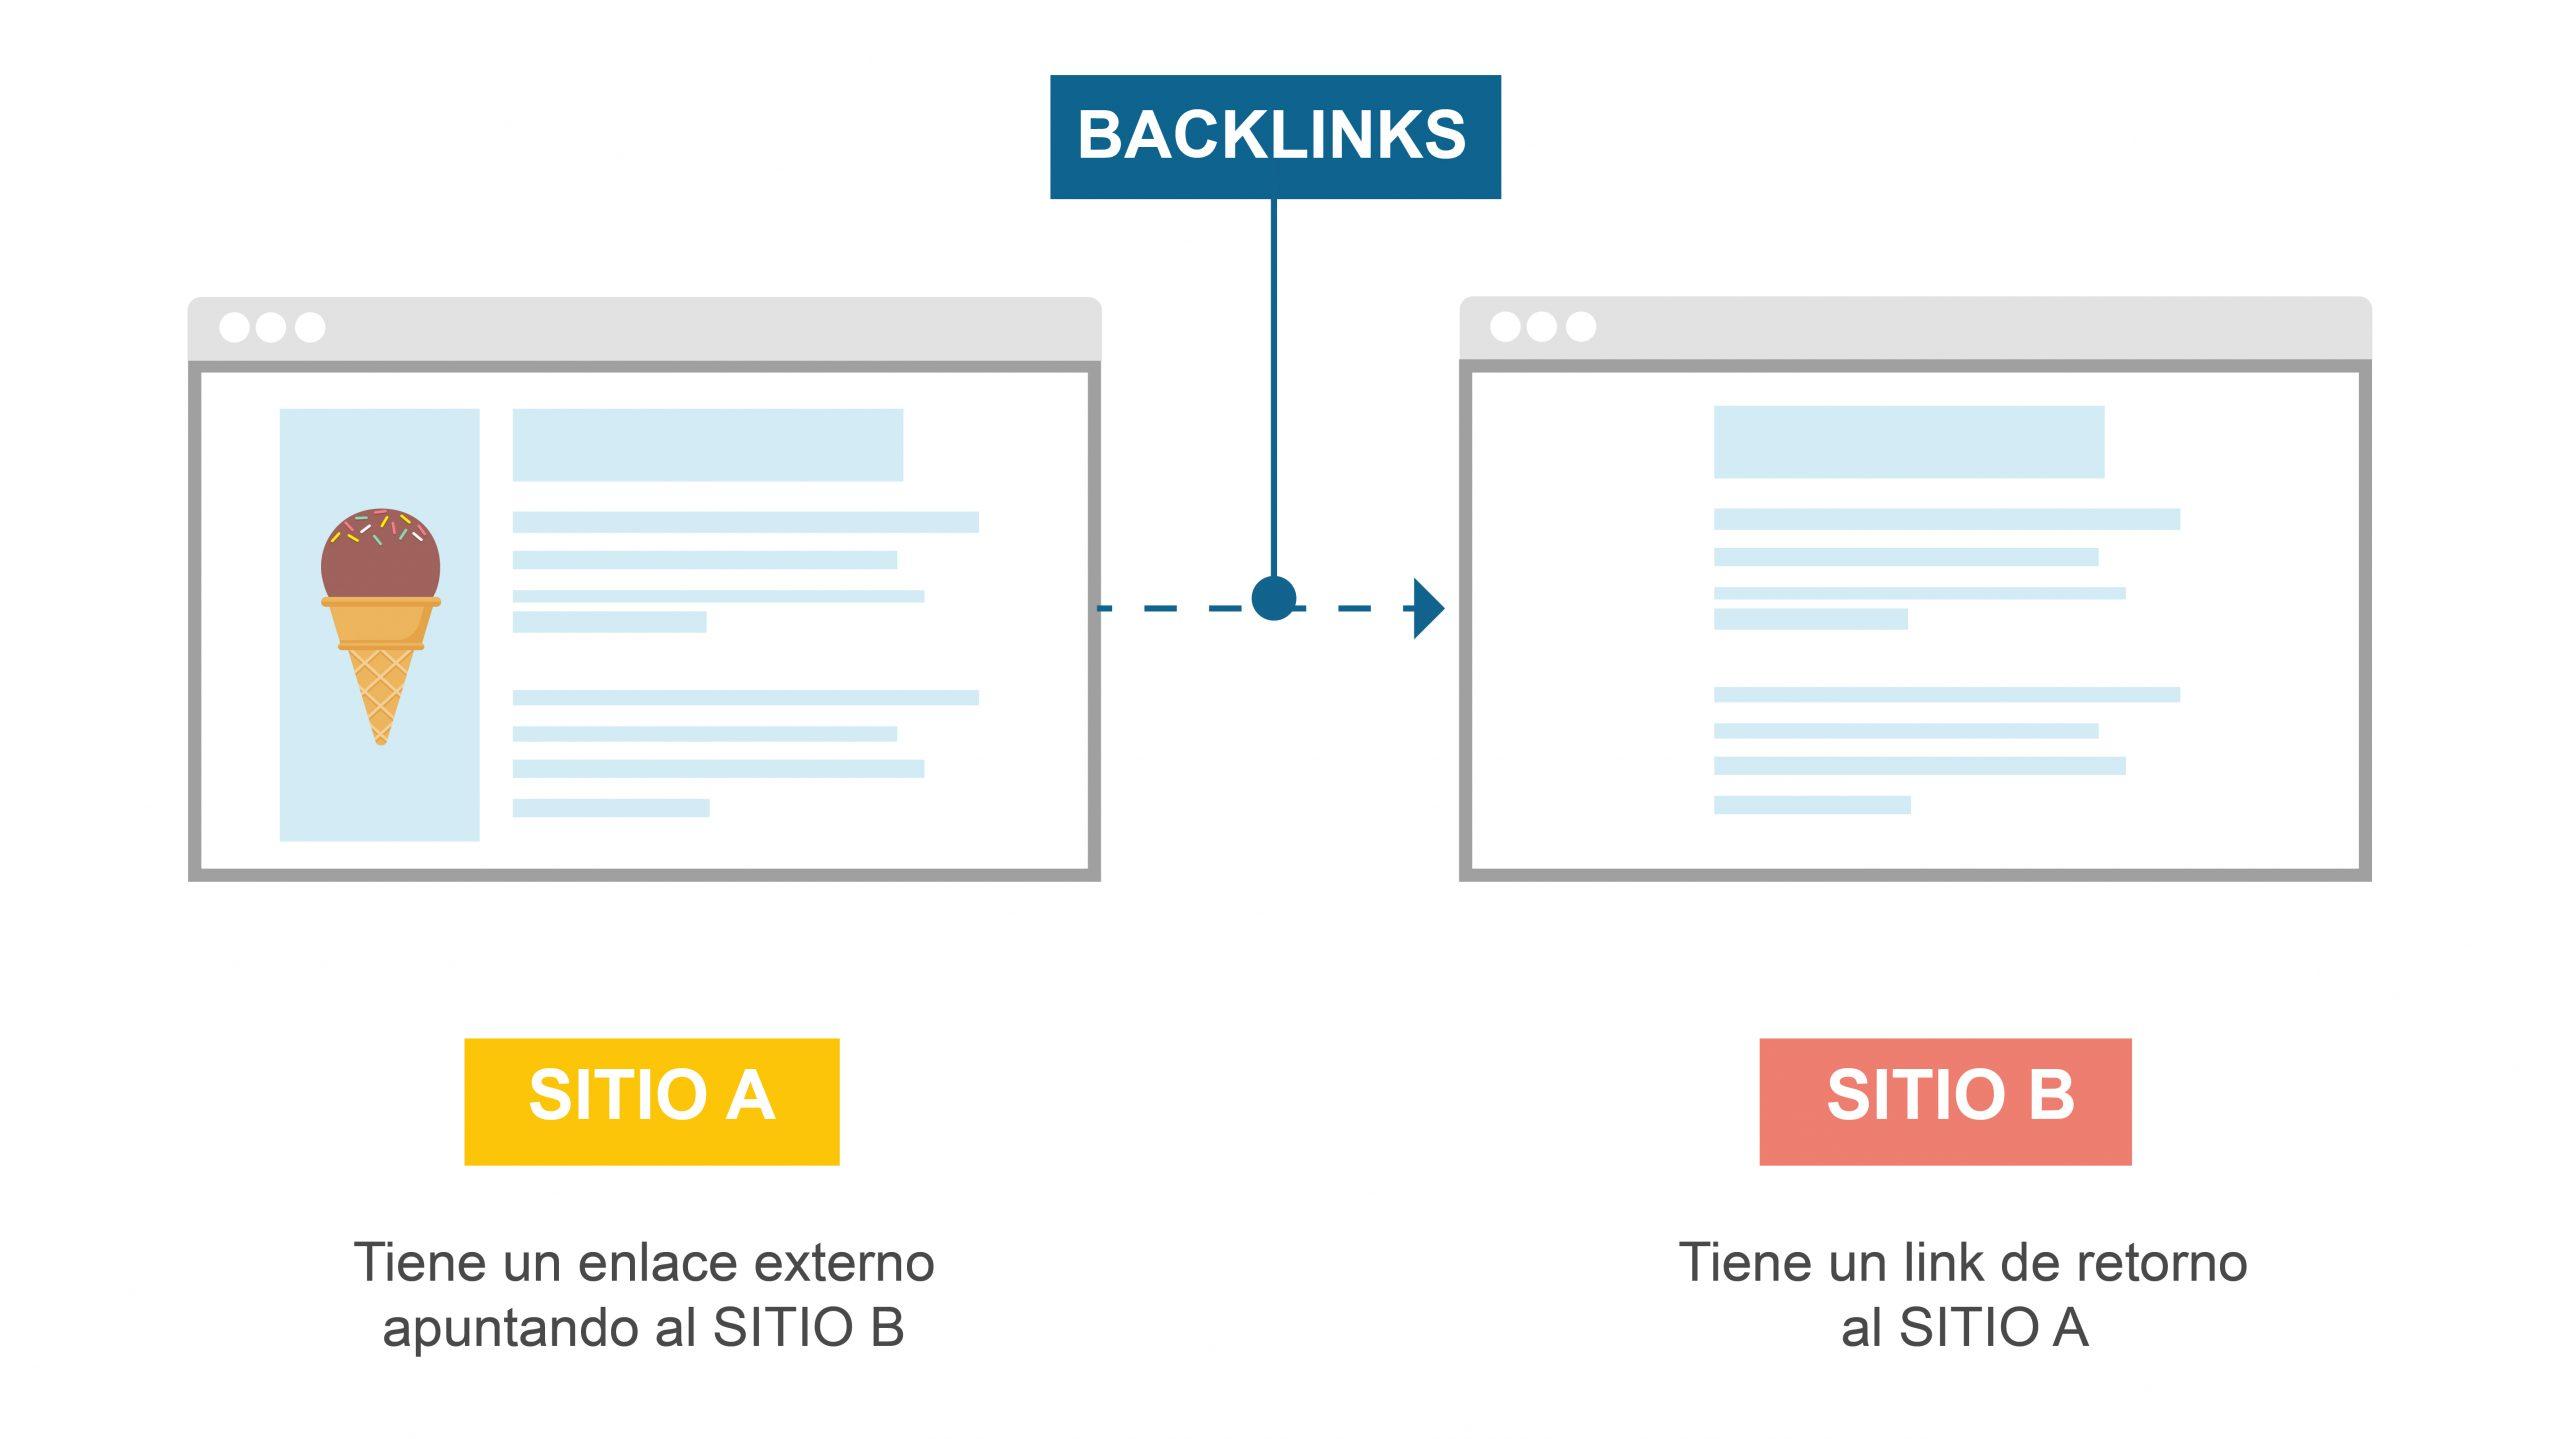 Backlinks salen del sitio de referencia a nuestro sitio web